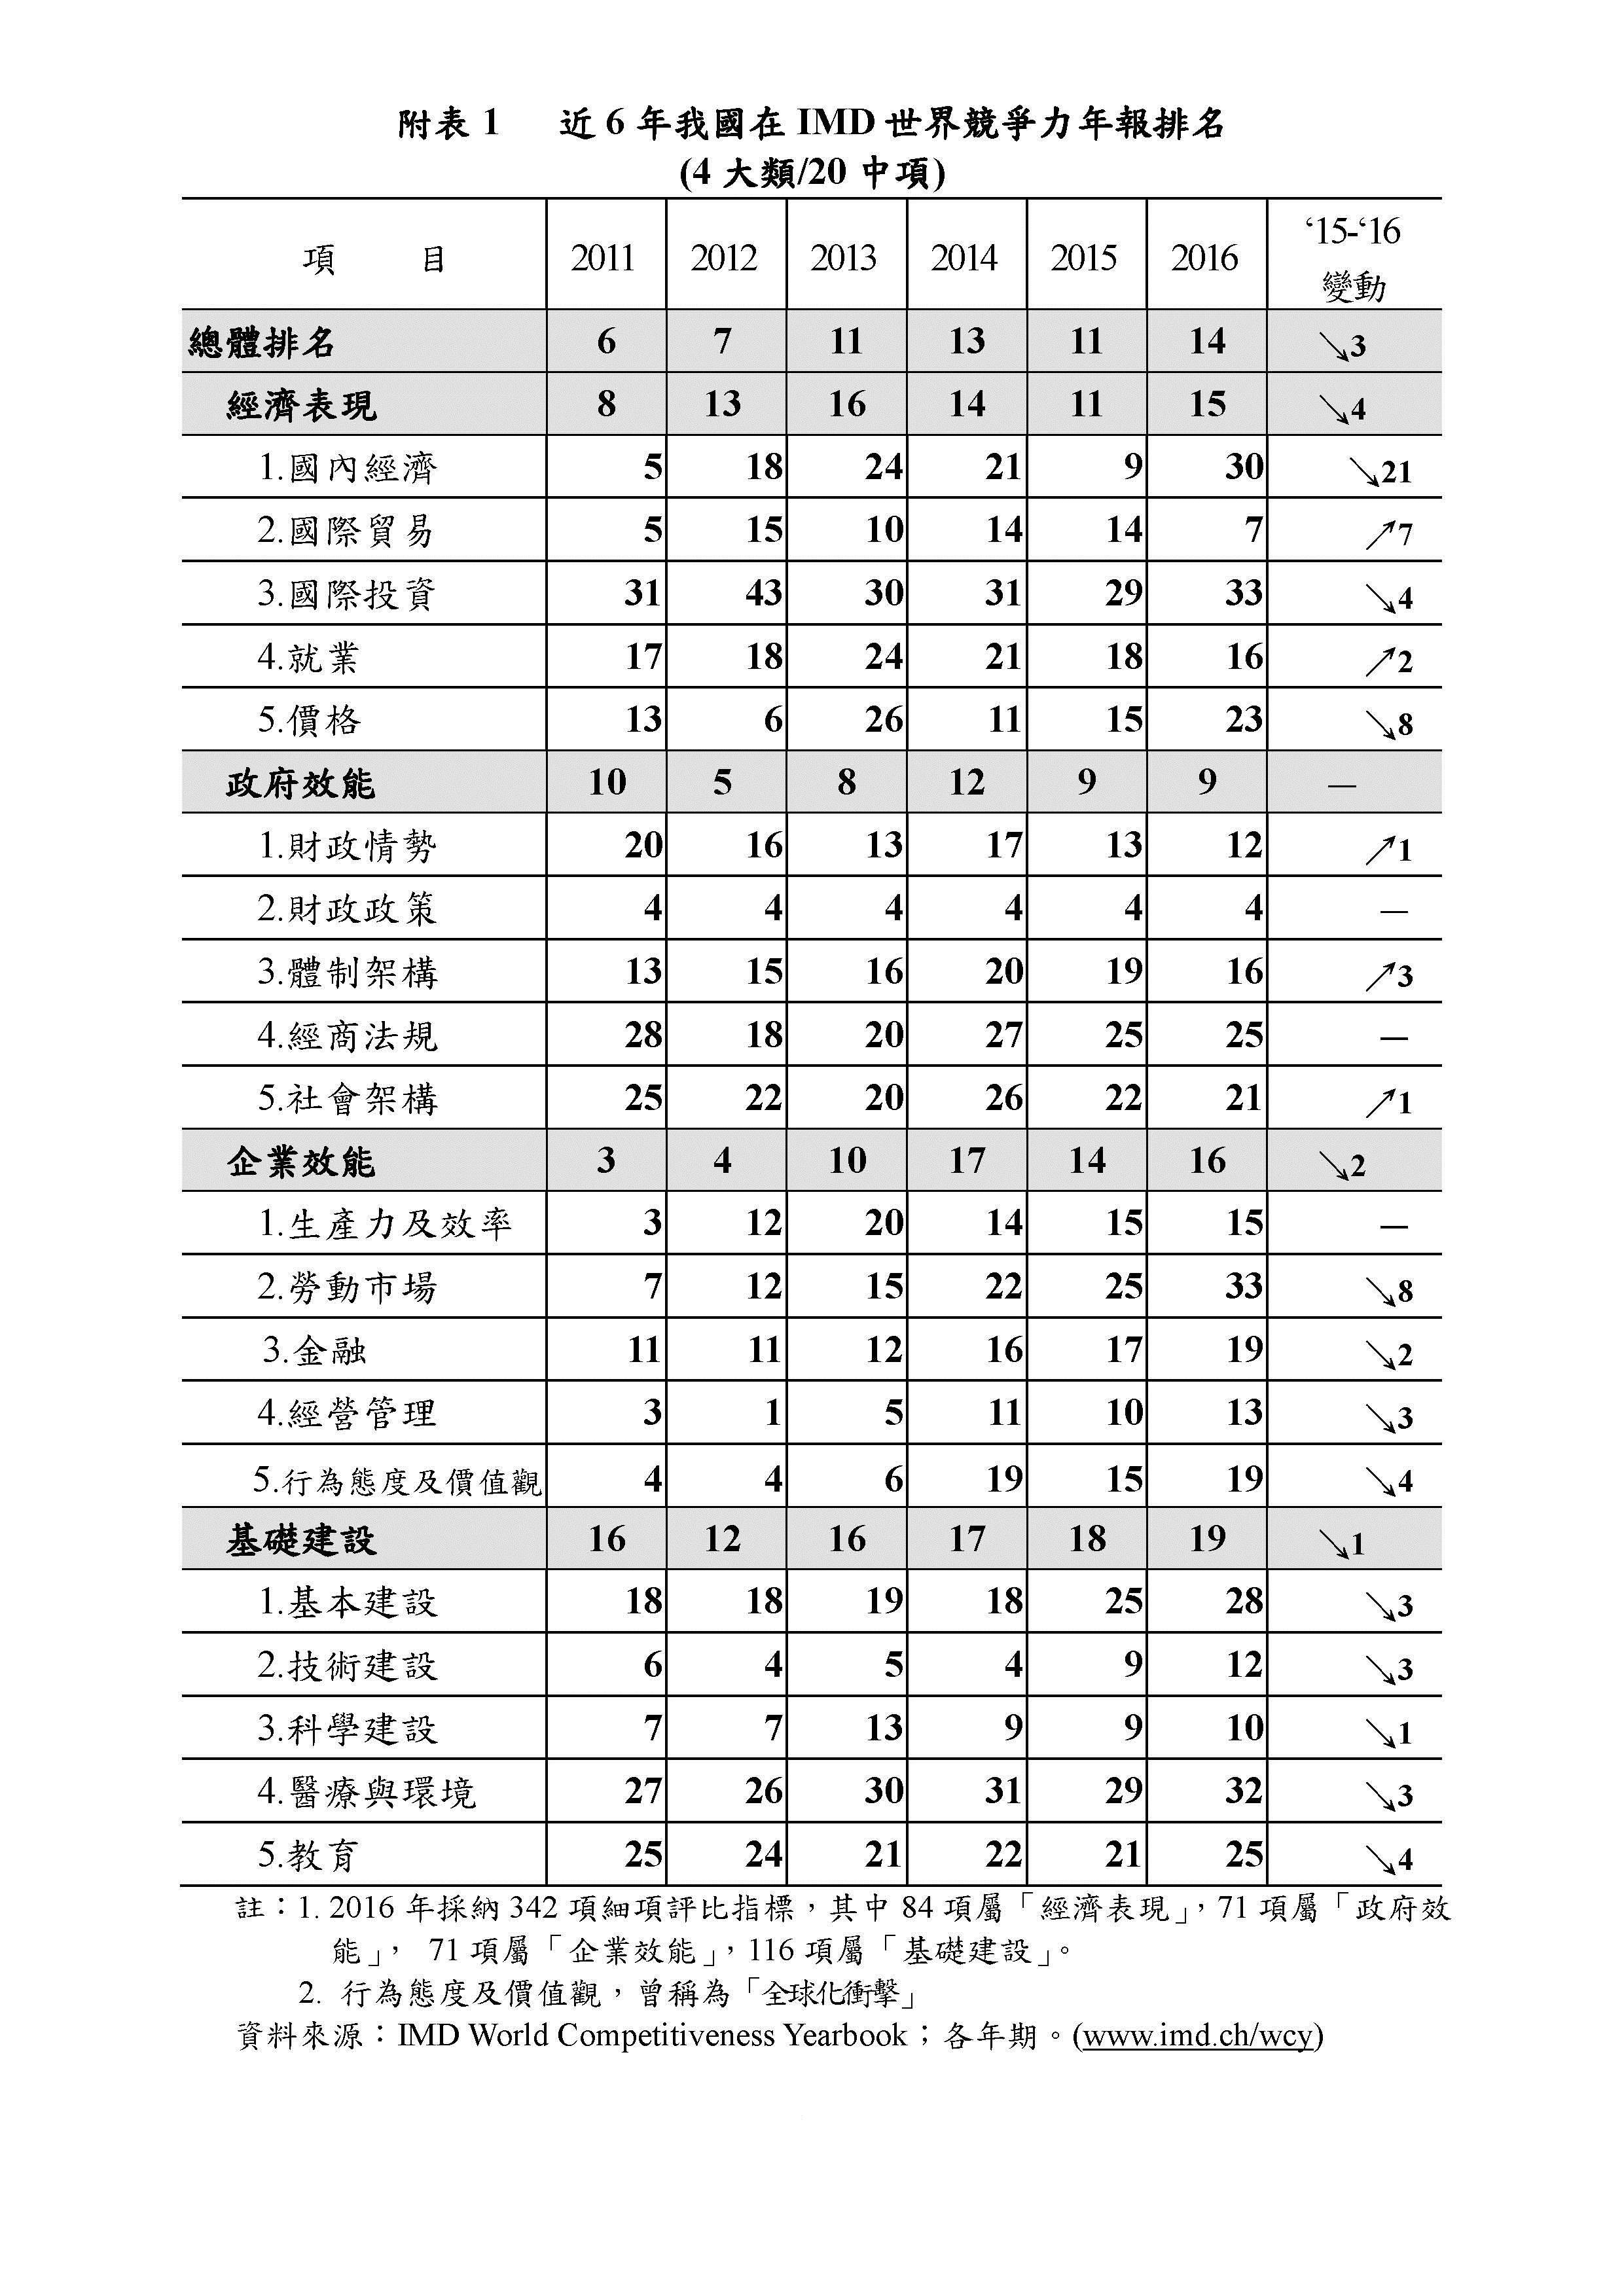 近6年我國在IMD世界競爭力年報排名